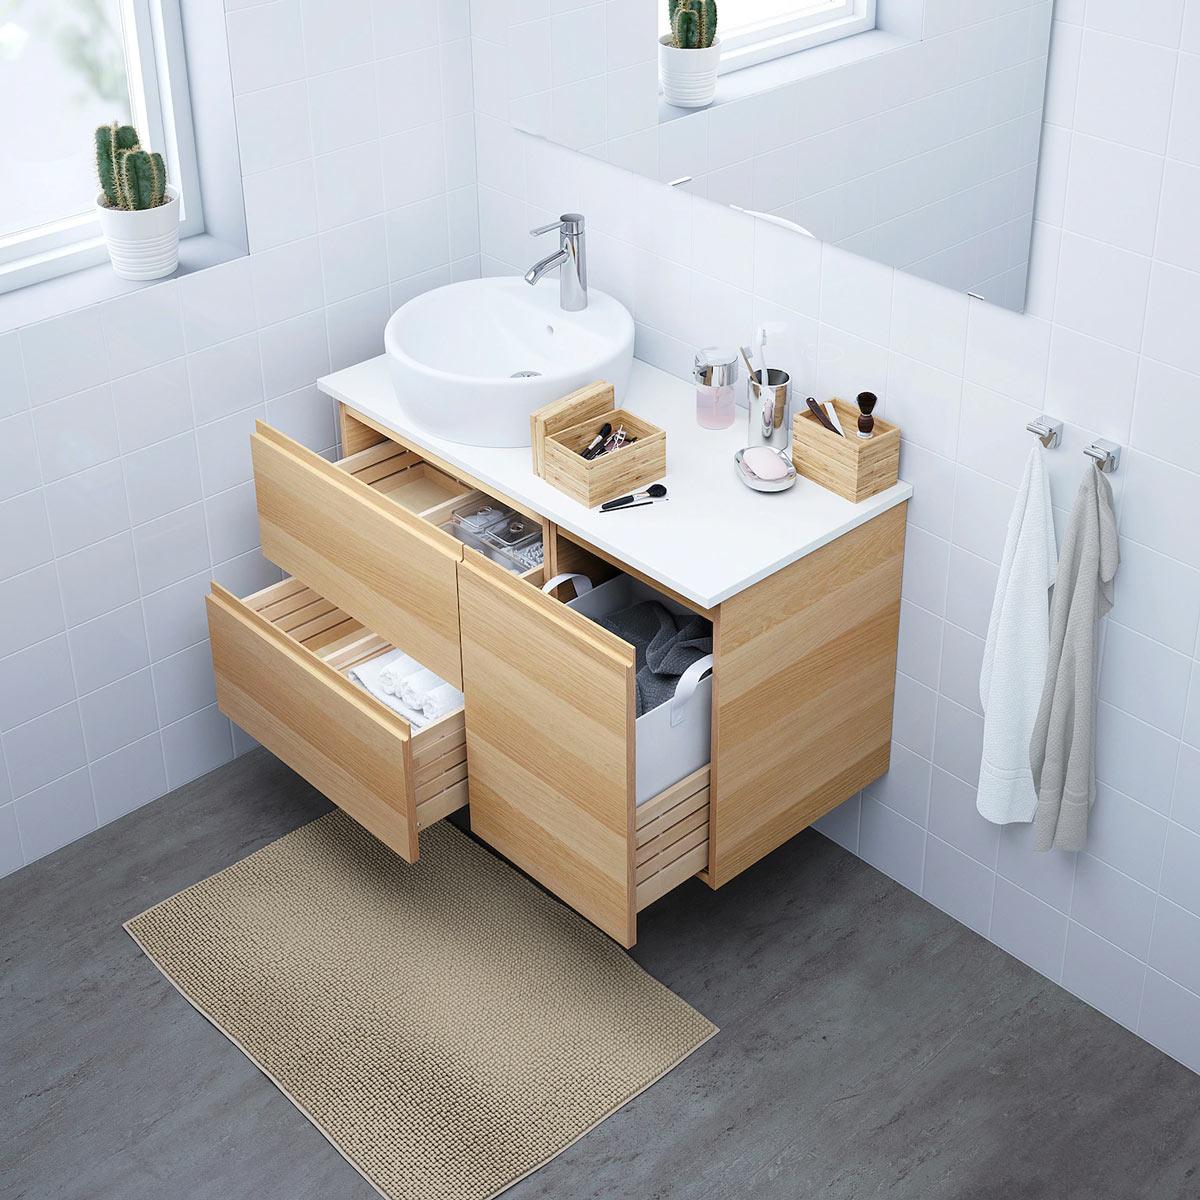 Mobili per il bagno IKEA primavera.